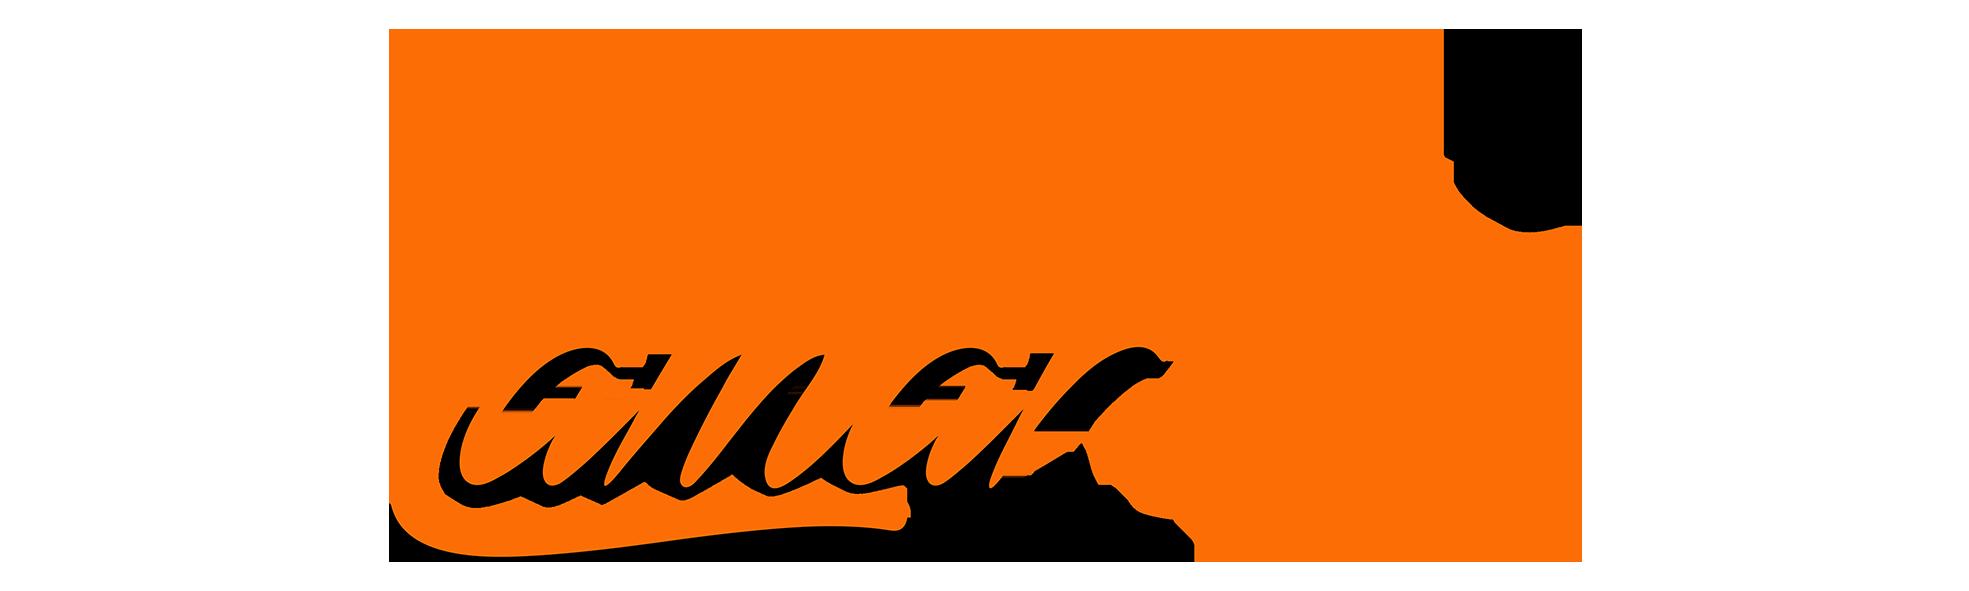 Contate Fotografia e Video Guimarães - Lamarts Digital - casamentos - batizados